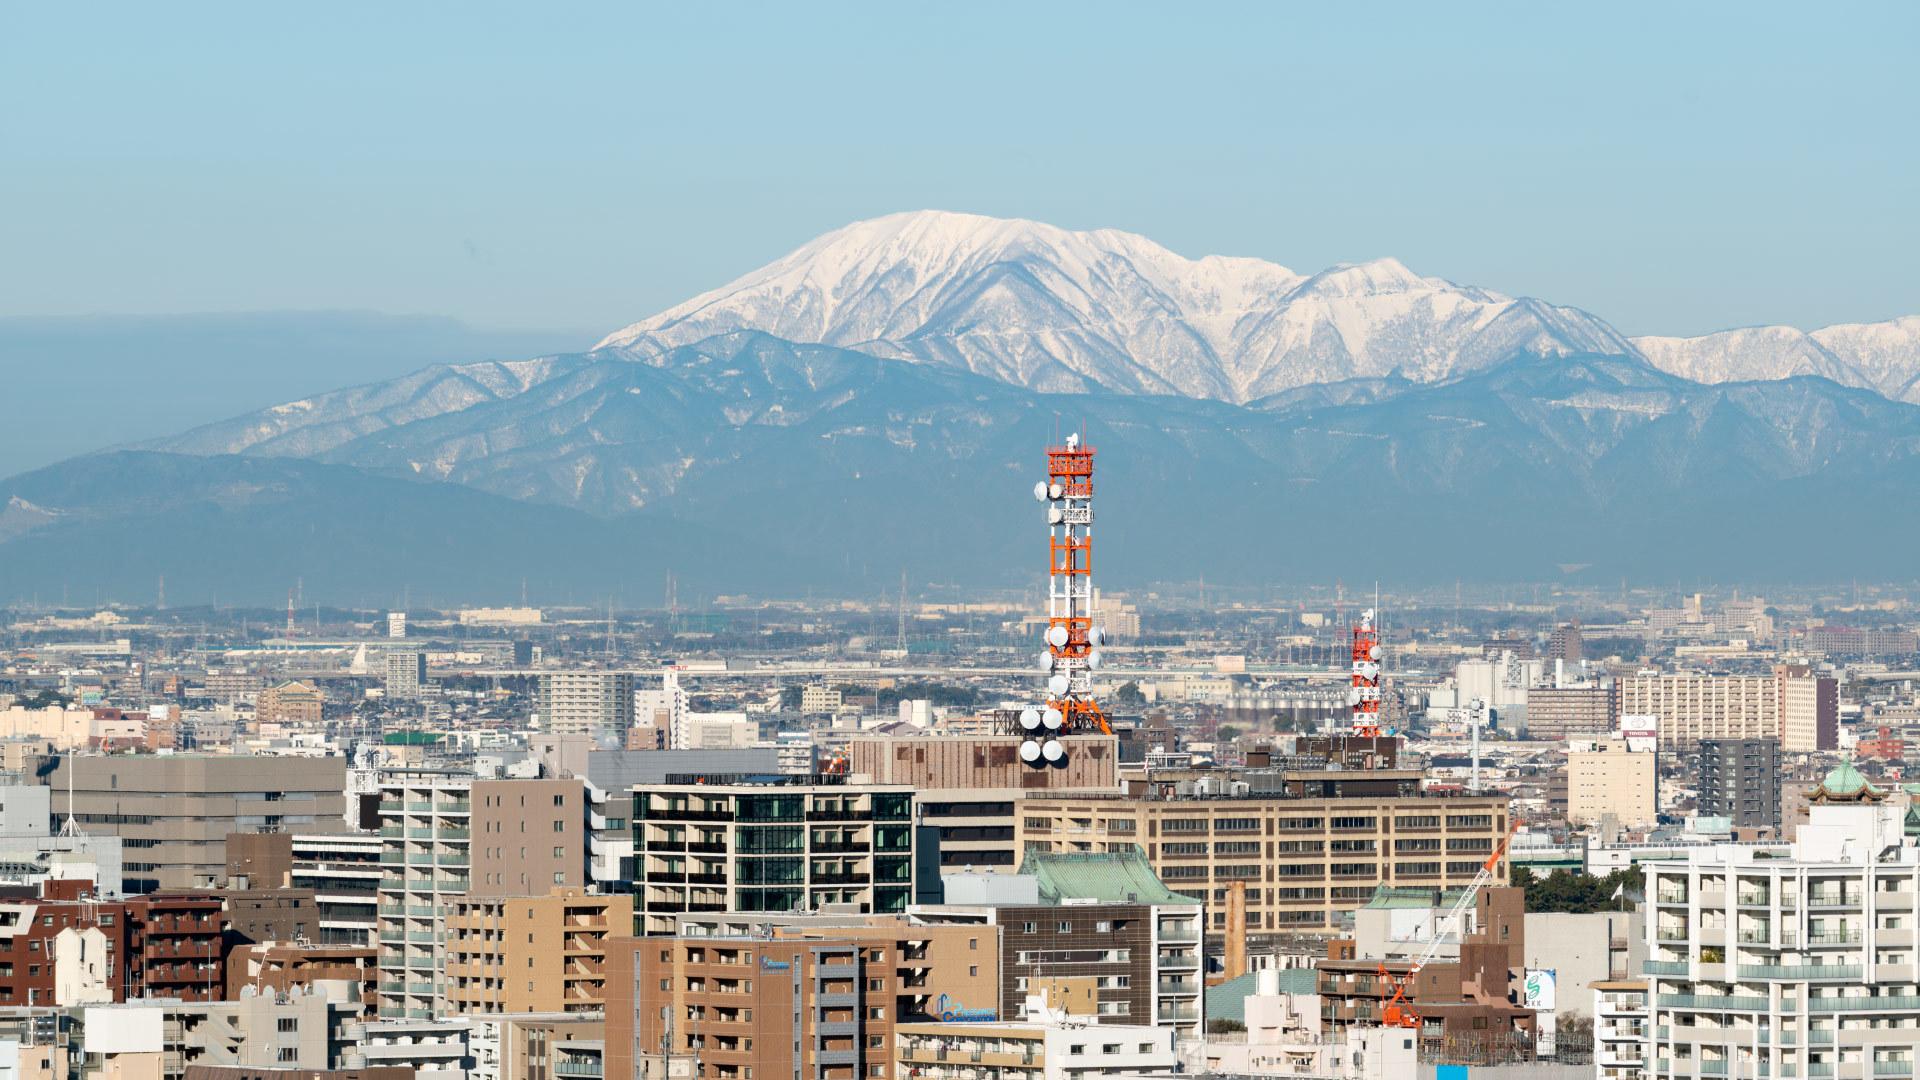 雪山観望日和_a0177616_15320611.jpg